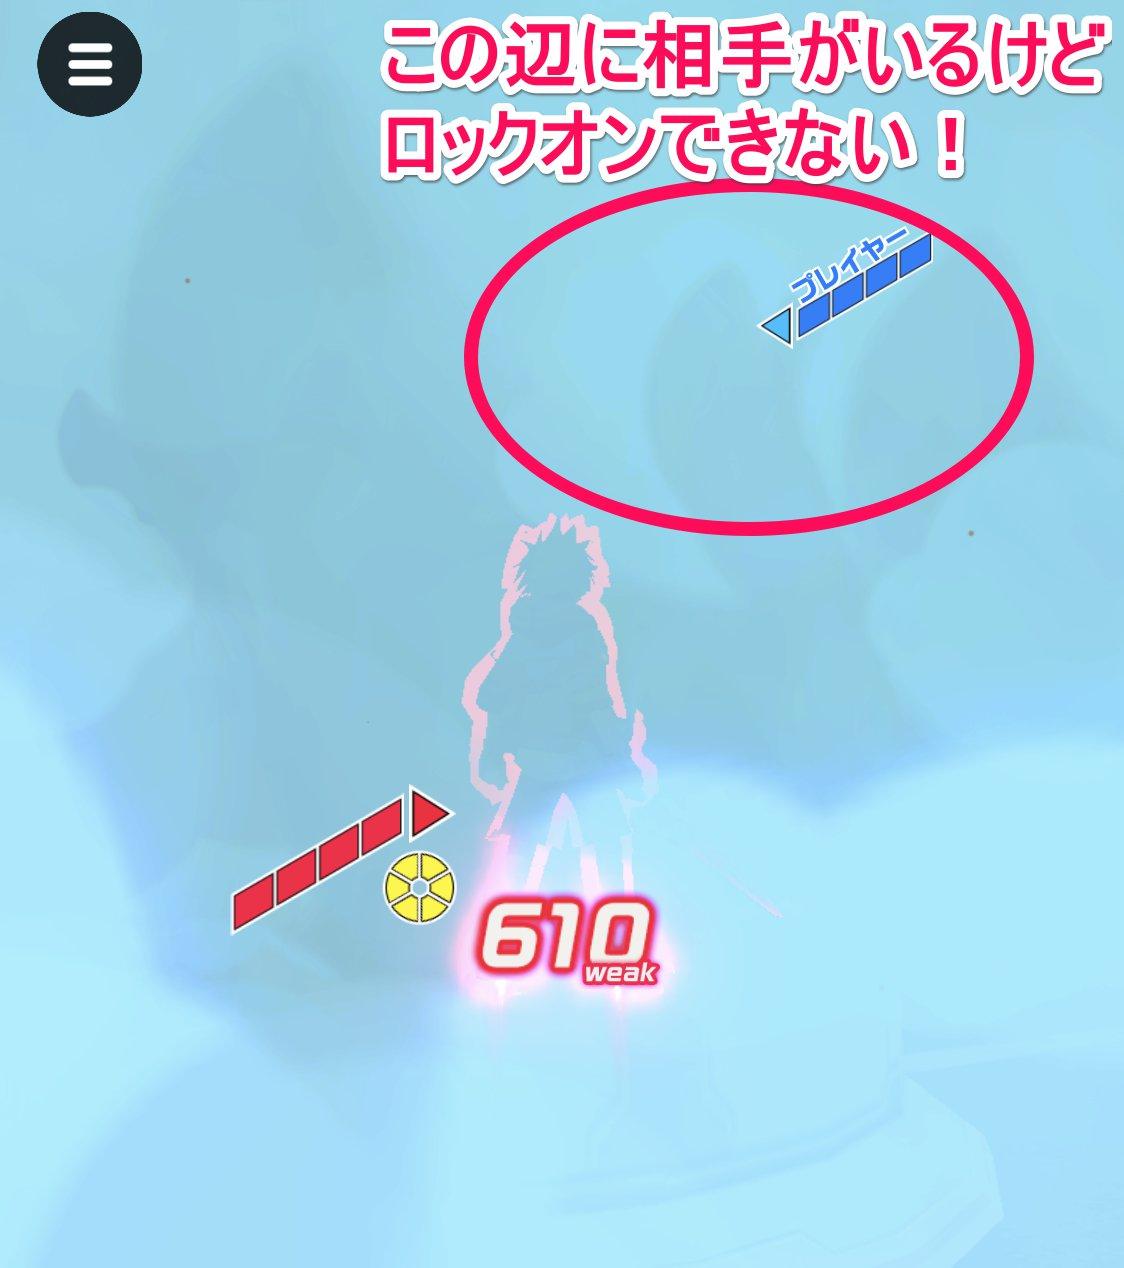 キックフライト【攻略】:アウルベルトのおすすめデッキと立ち回り方【10/26更新】